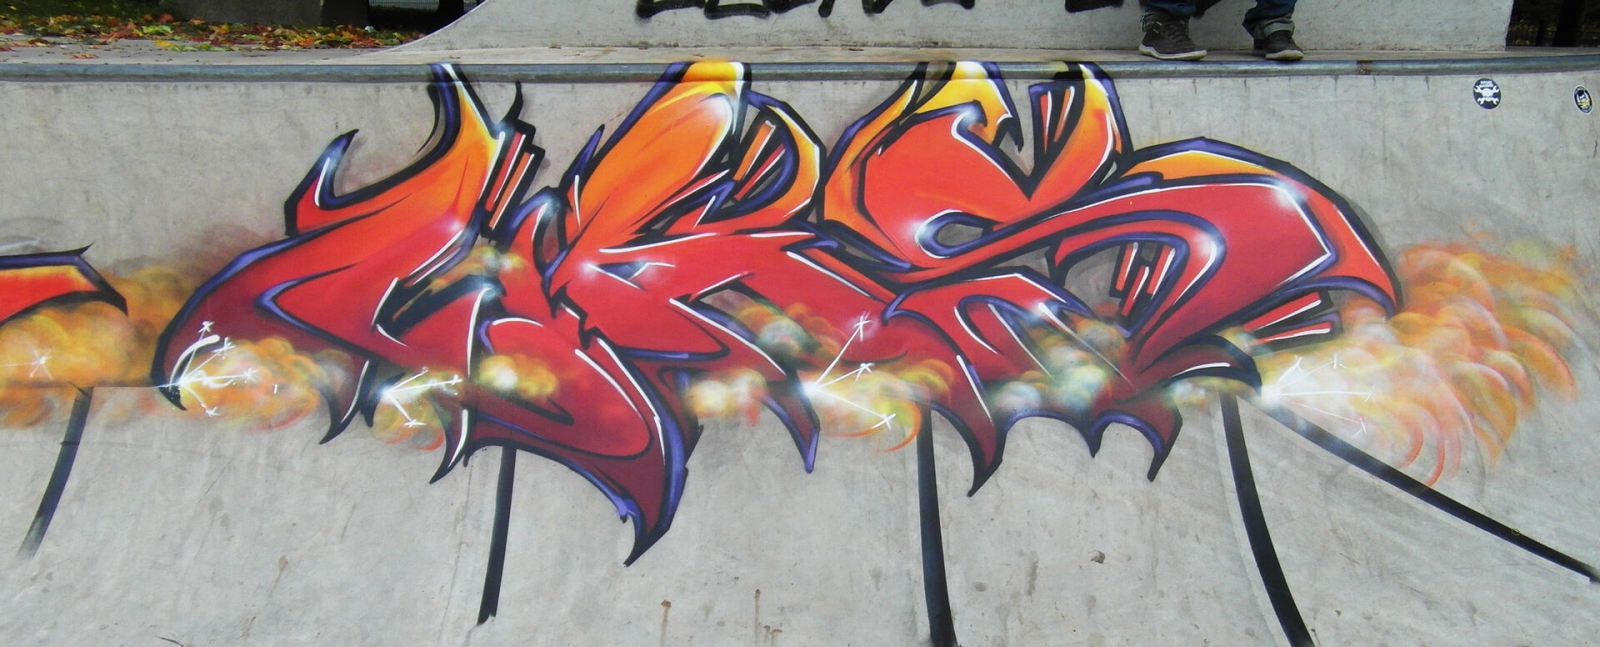 Graffiti in Herne in einem Skaterpark nähe der A42 Autobahn